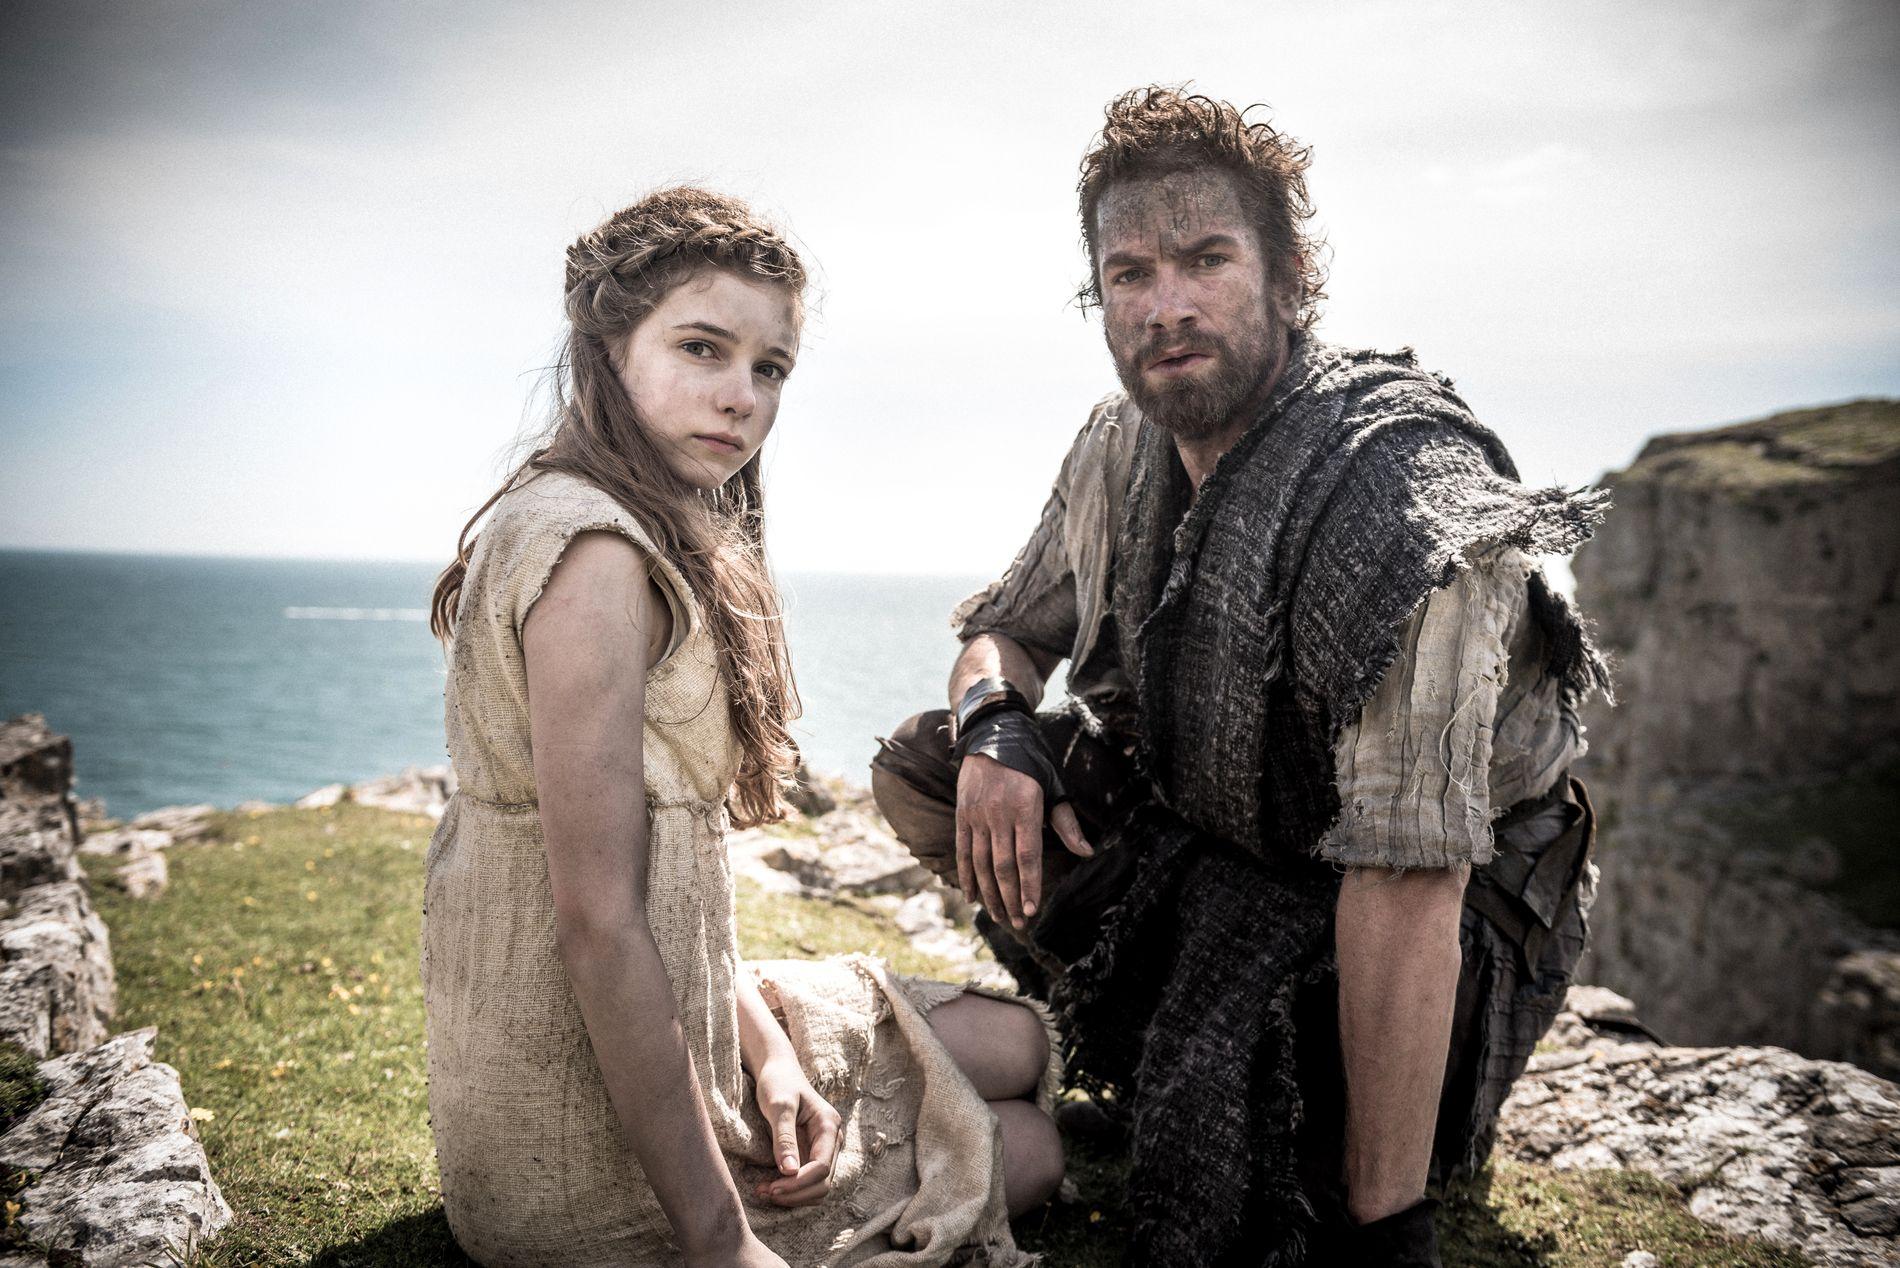 ROMERSK INVASJON: Eleanor Worthington-Cox som Cait og Nikolaj Lie Kaas som Divis i «Britannia». Foto: Astanislav Honzik/ Sky / HBO